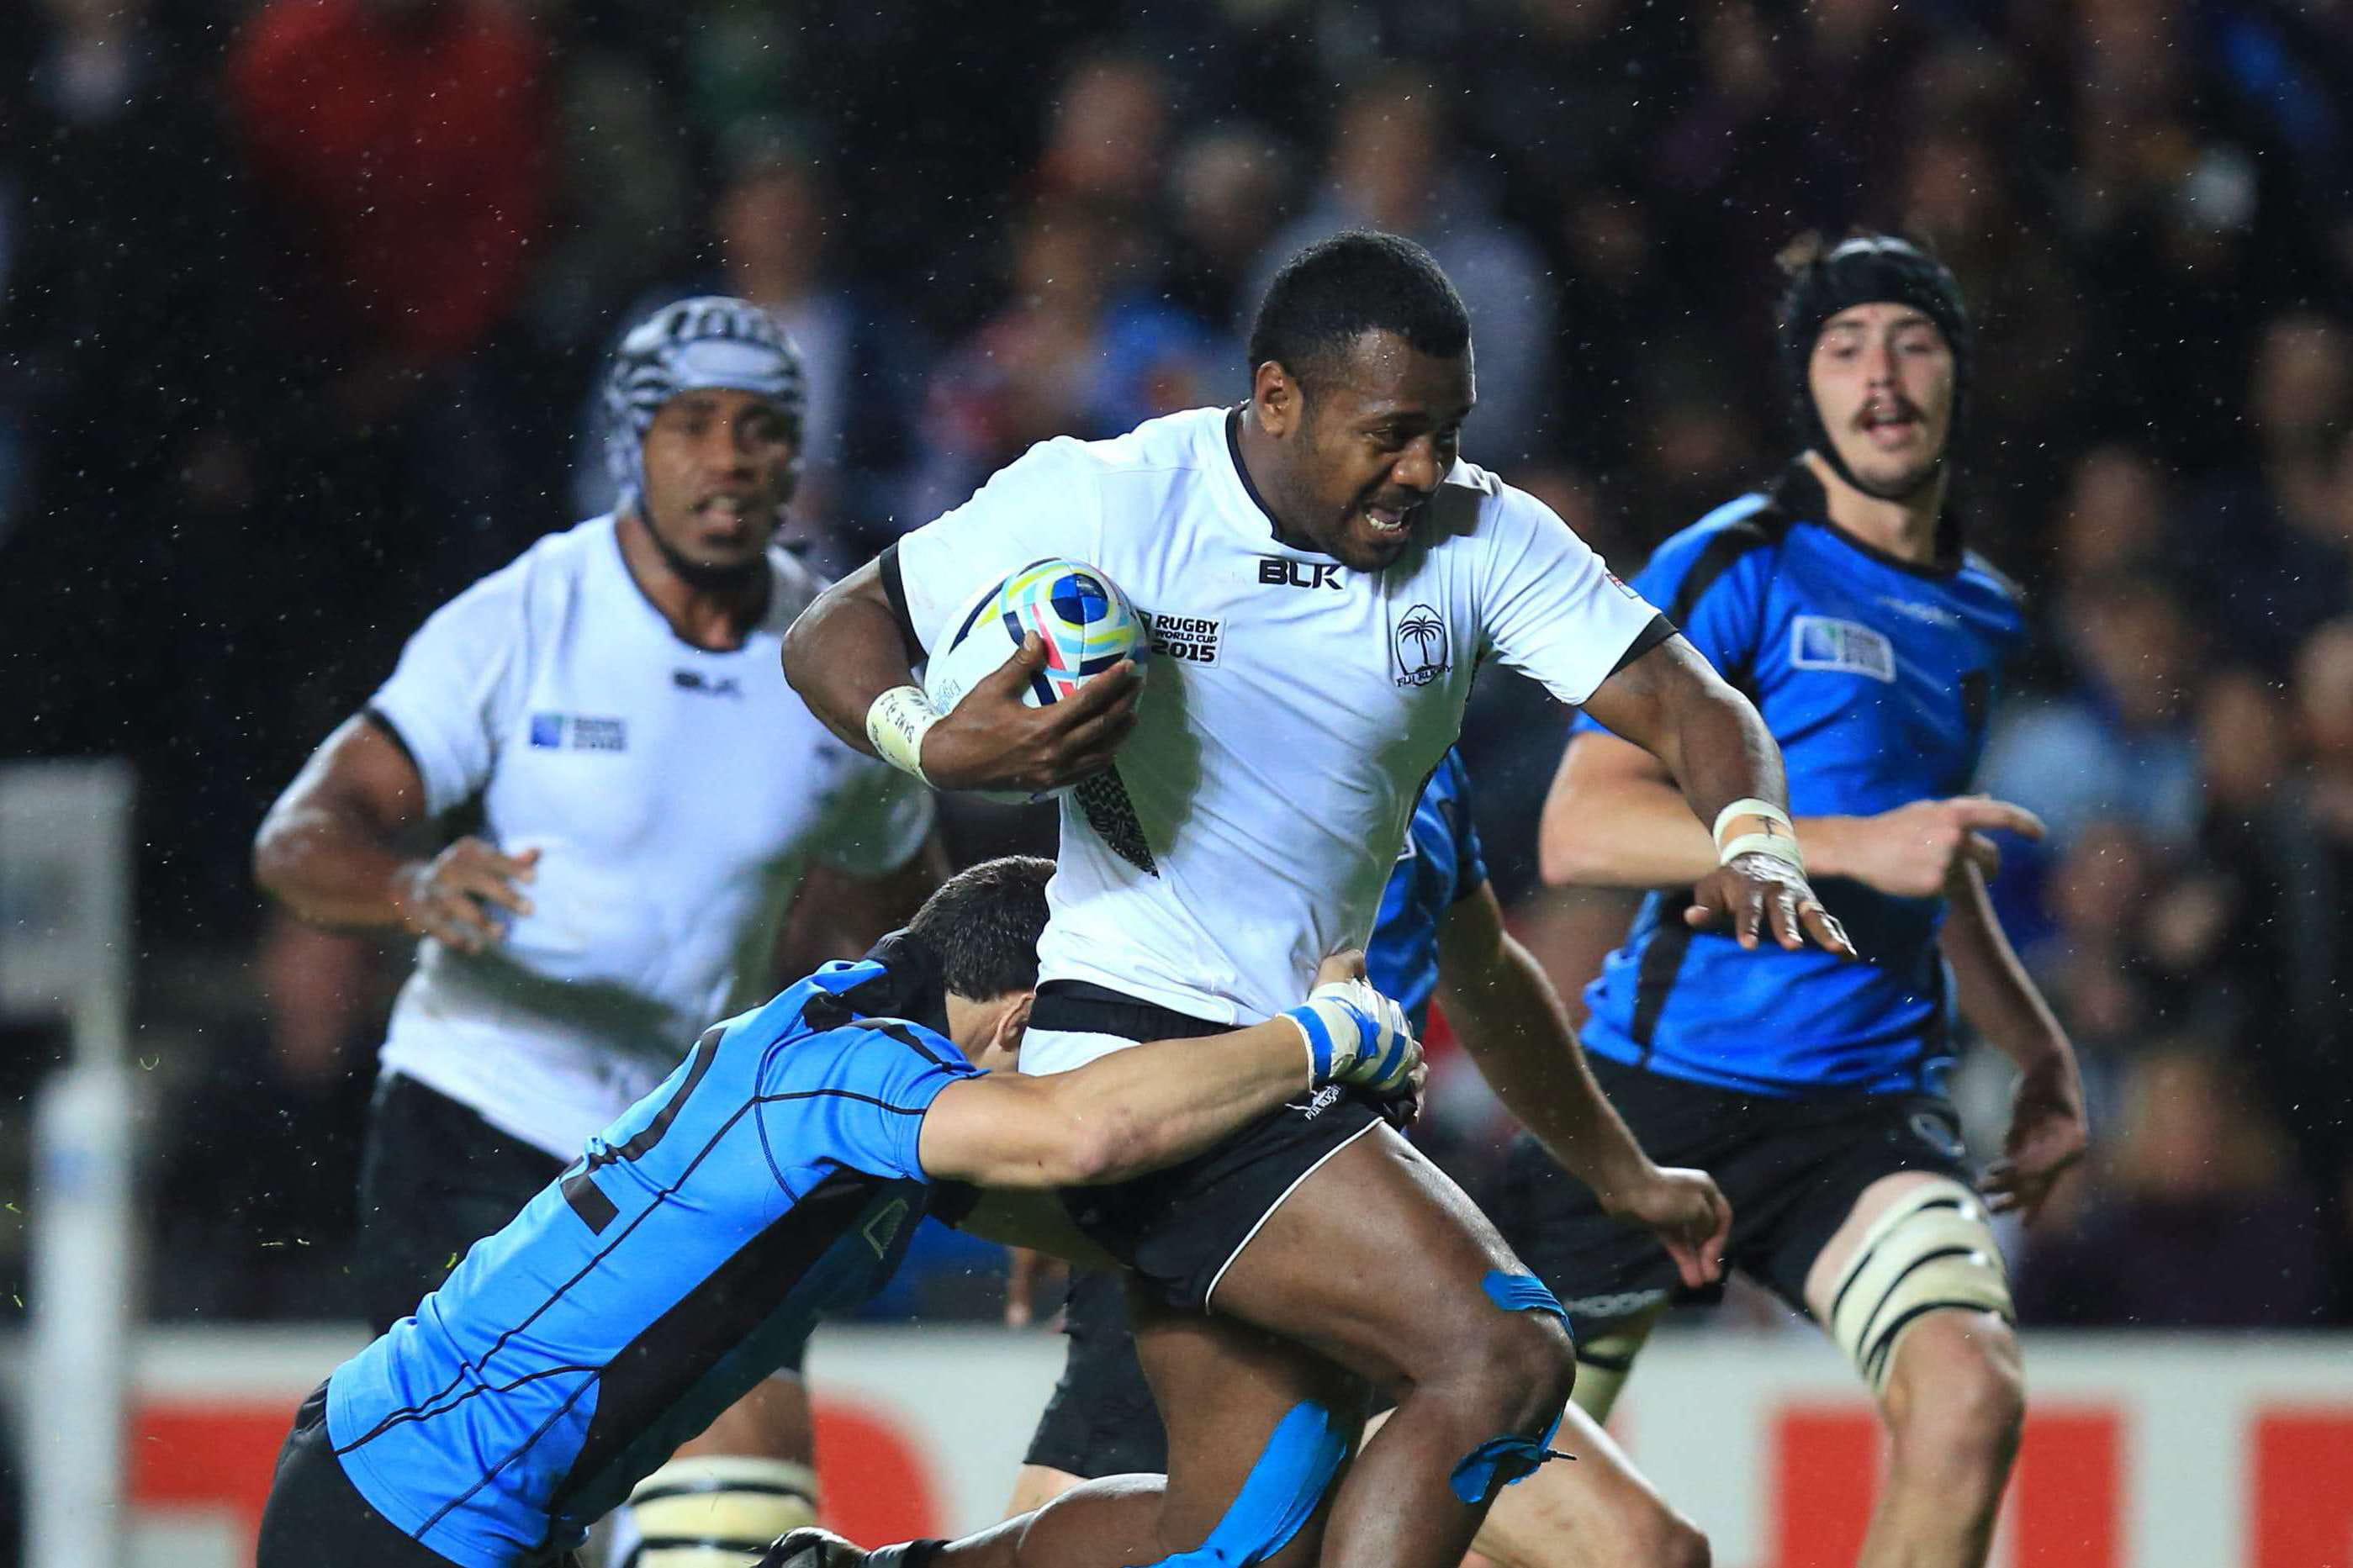 Coupe du monde de rugby 2015 classement calendrier - Classement coupe du monde de rugby ...